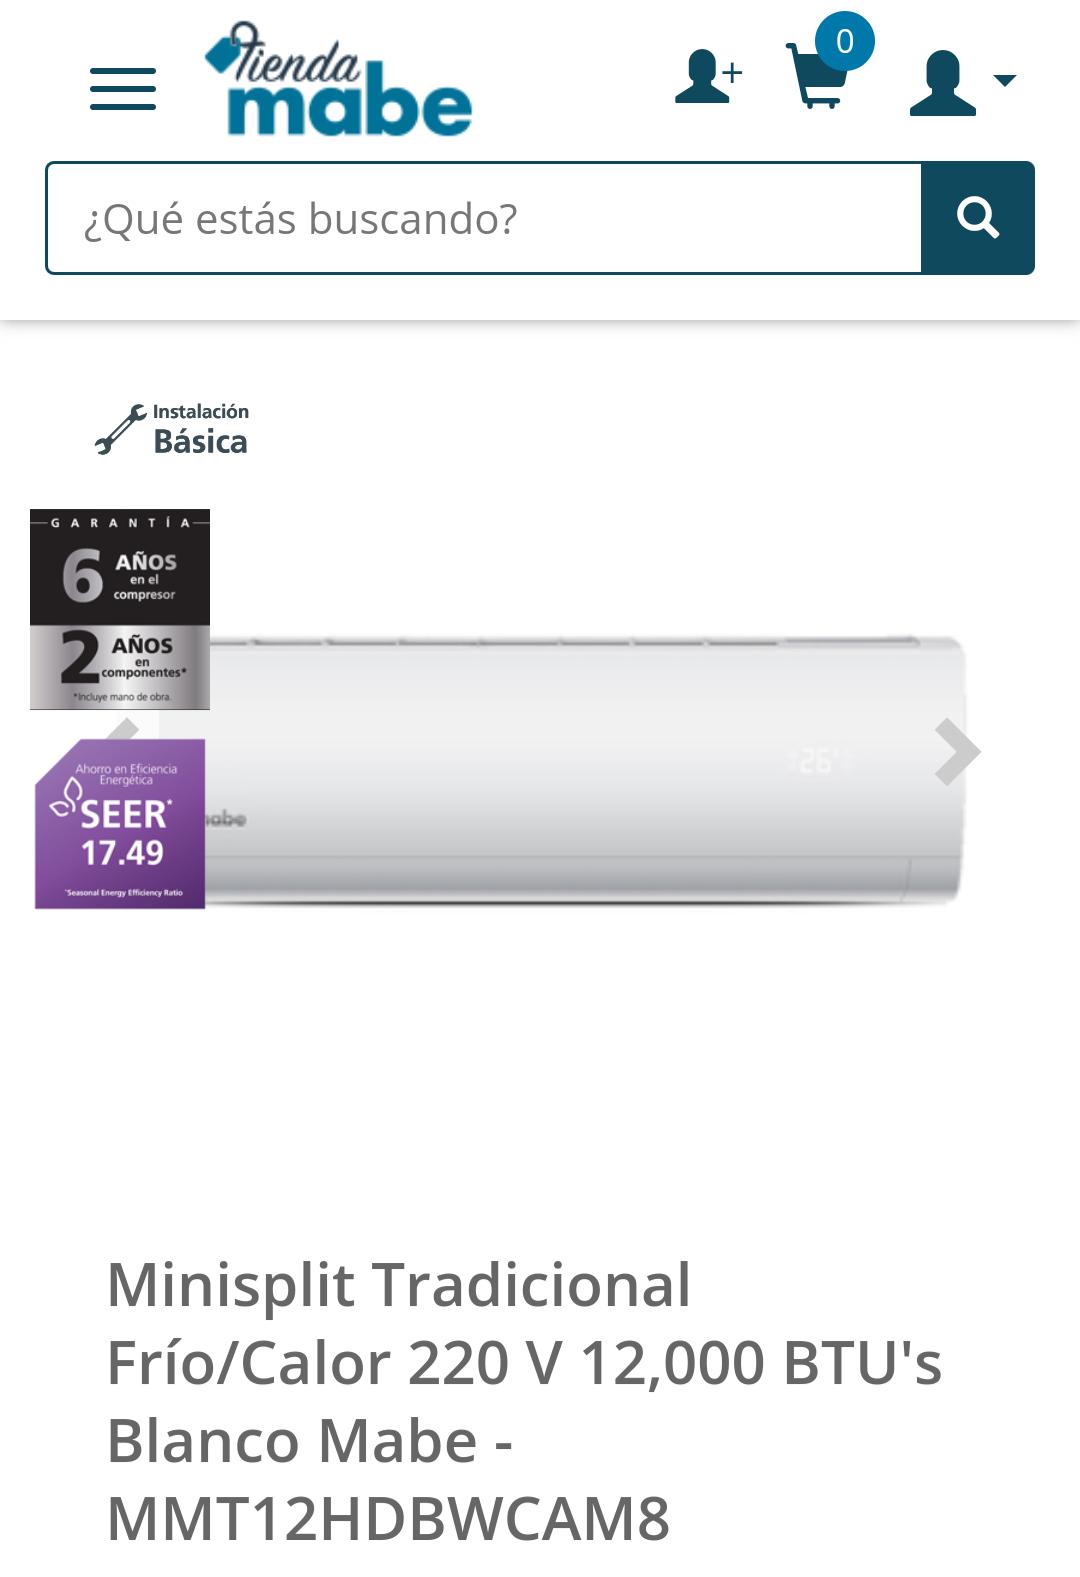 Tienda Mabe: Minisplit 1 tonelada para frío y calor+instalación básica gratis